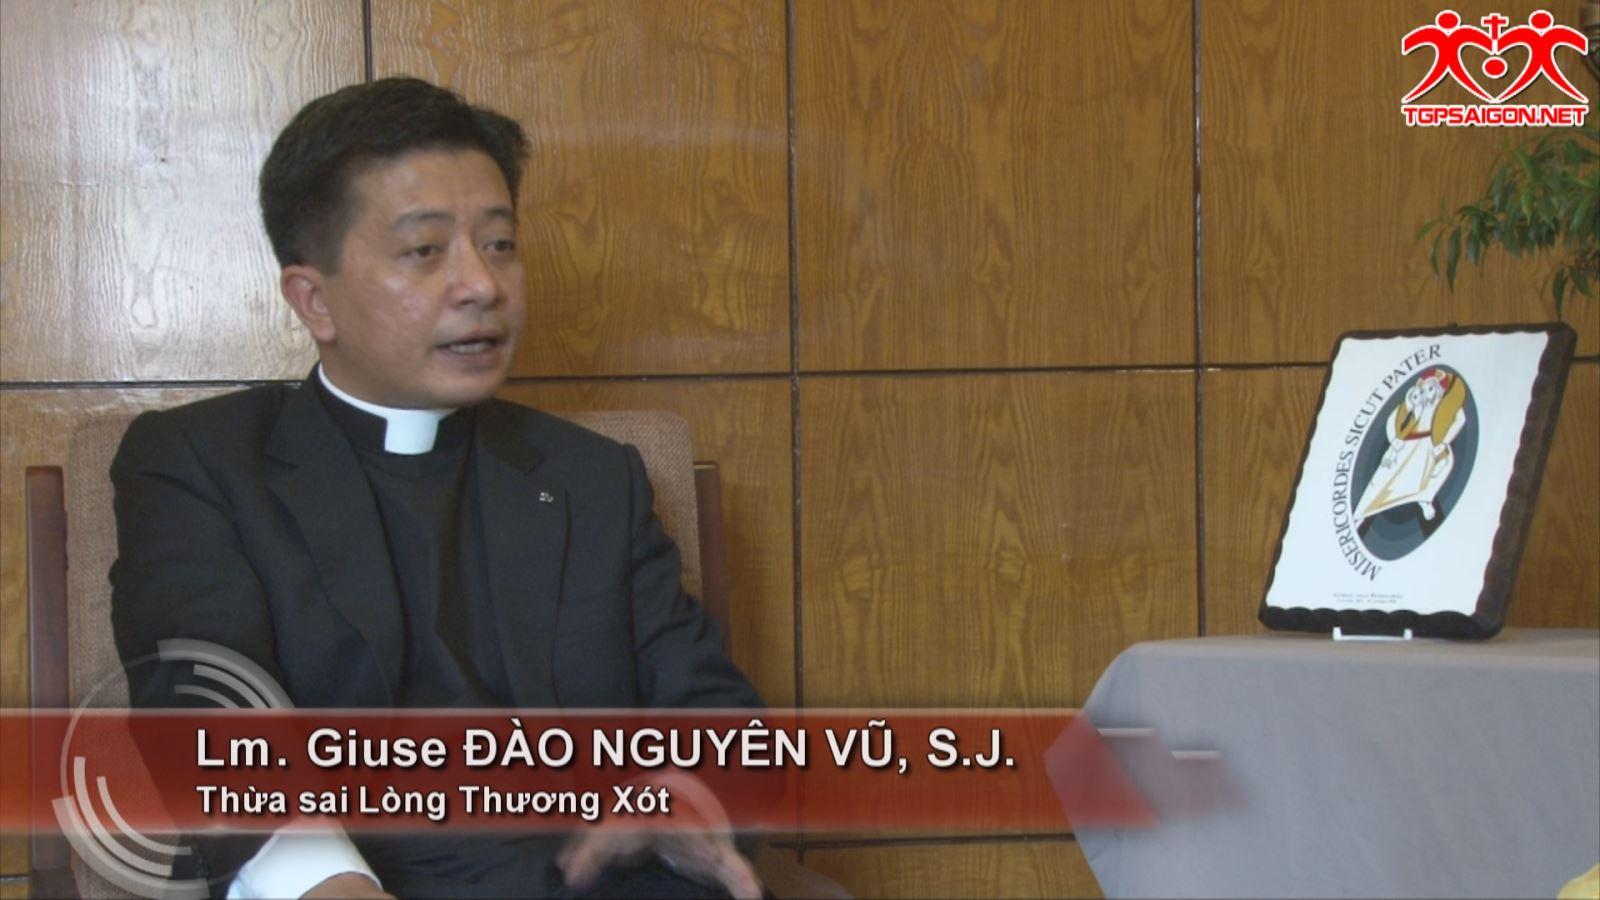 Phỏng vấn Lm. Giuse Đào Nguyên Vũ - Thừa sai lòng Thương Xót